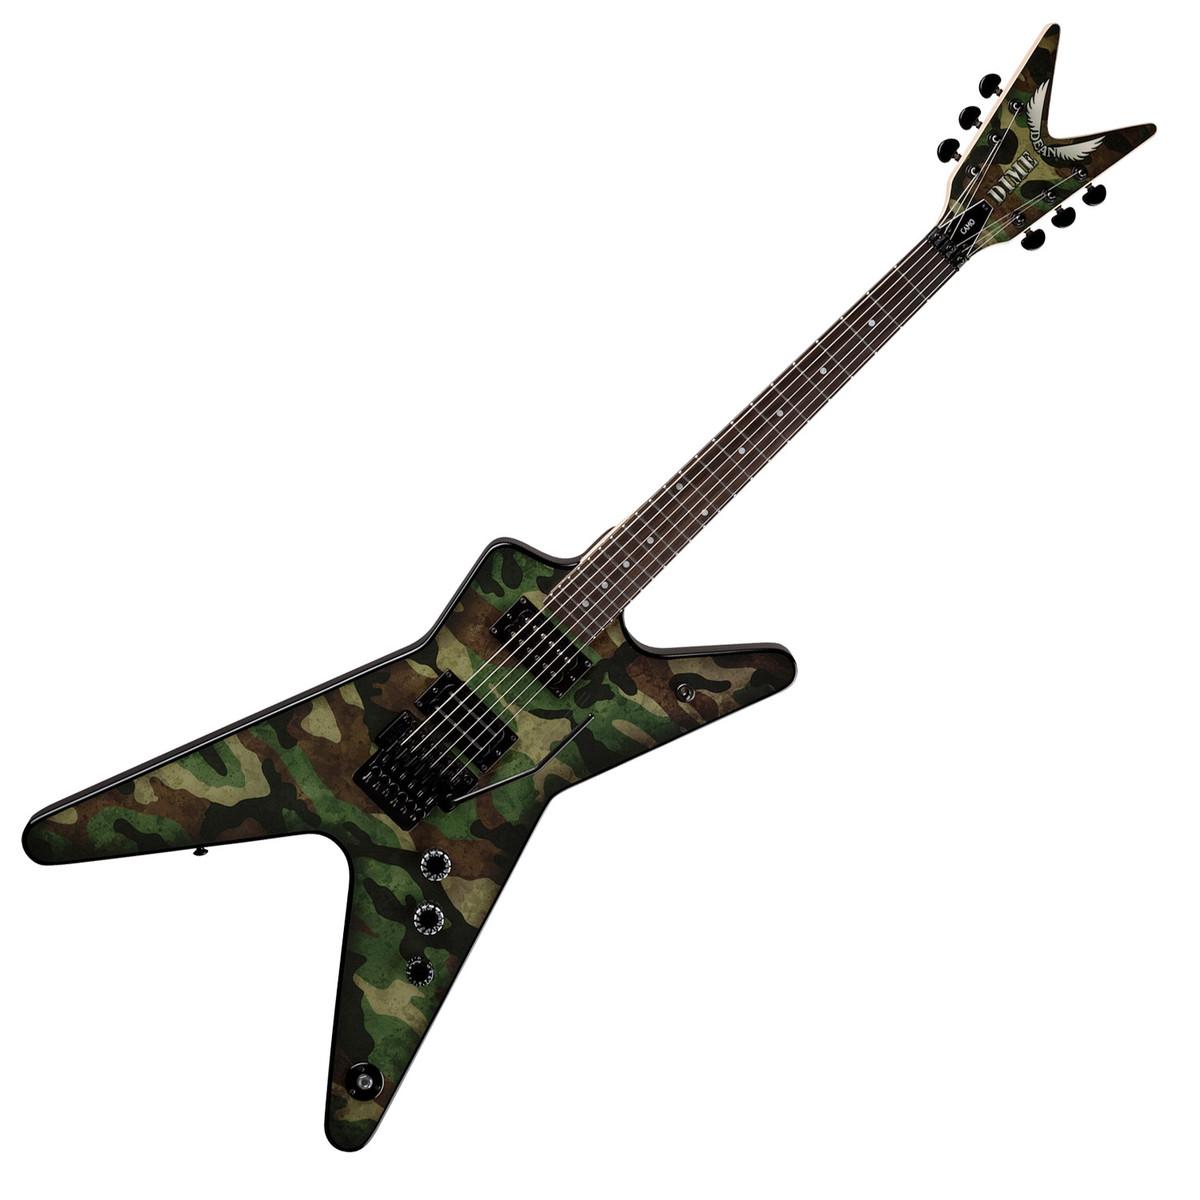 dimebag darrell guitar camo - photo #16